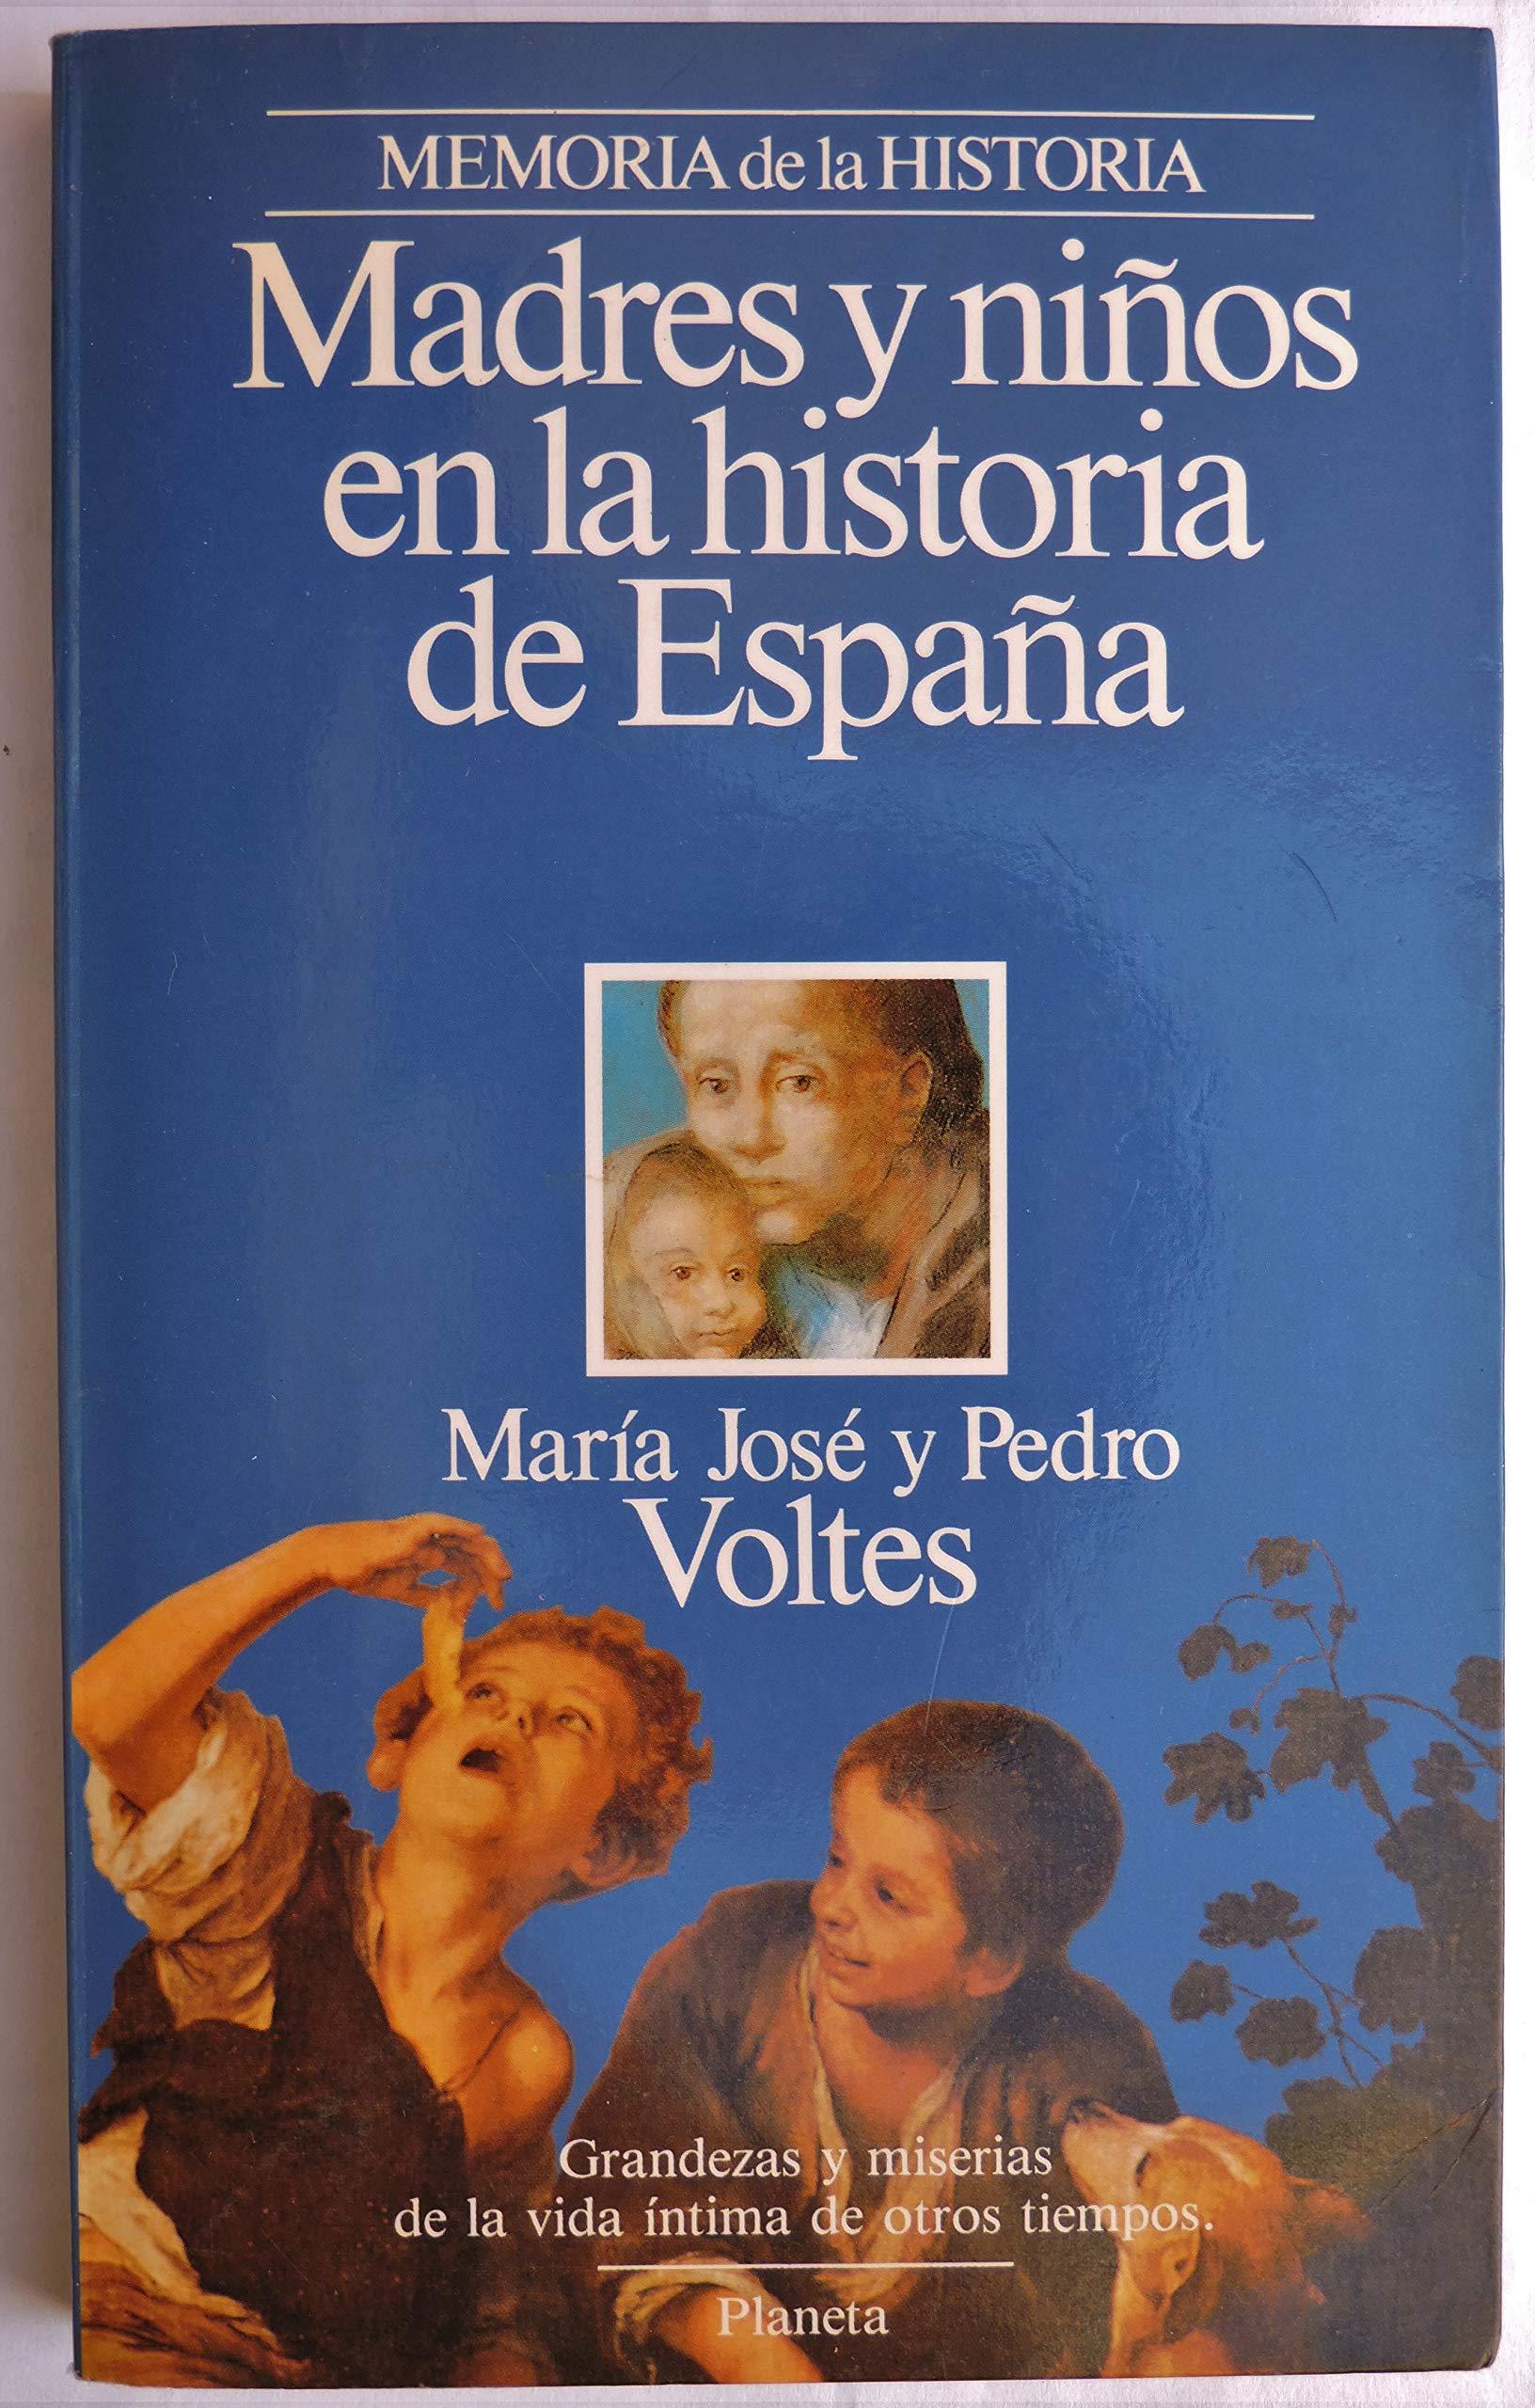 Madres y niños en la historia de España Memoria de historia: Amazon.es: Voltes, María José: Libros